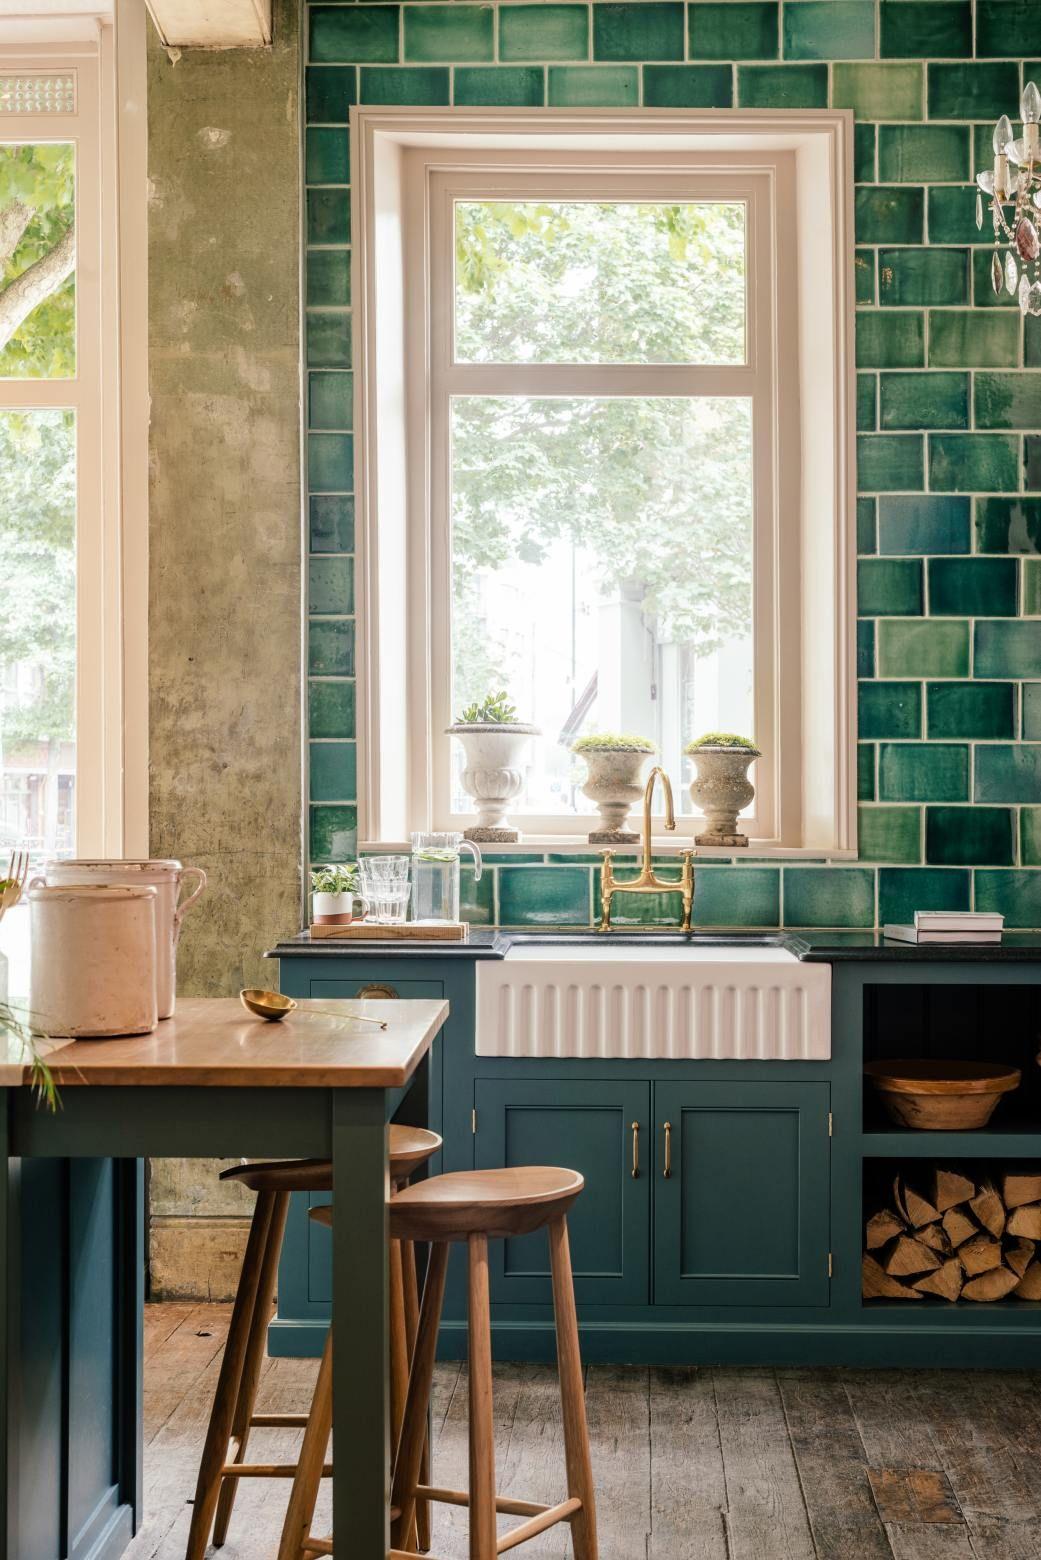 The St John S Square Showroom Devol Kitchens Dark Green Kitchen Green Kitchen Cabinets Devol Kitchens